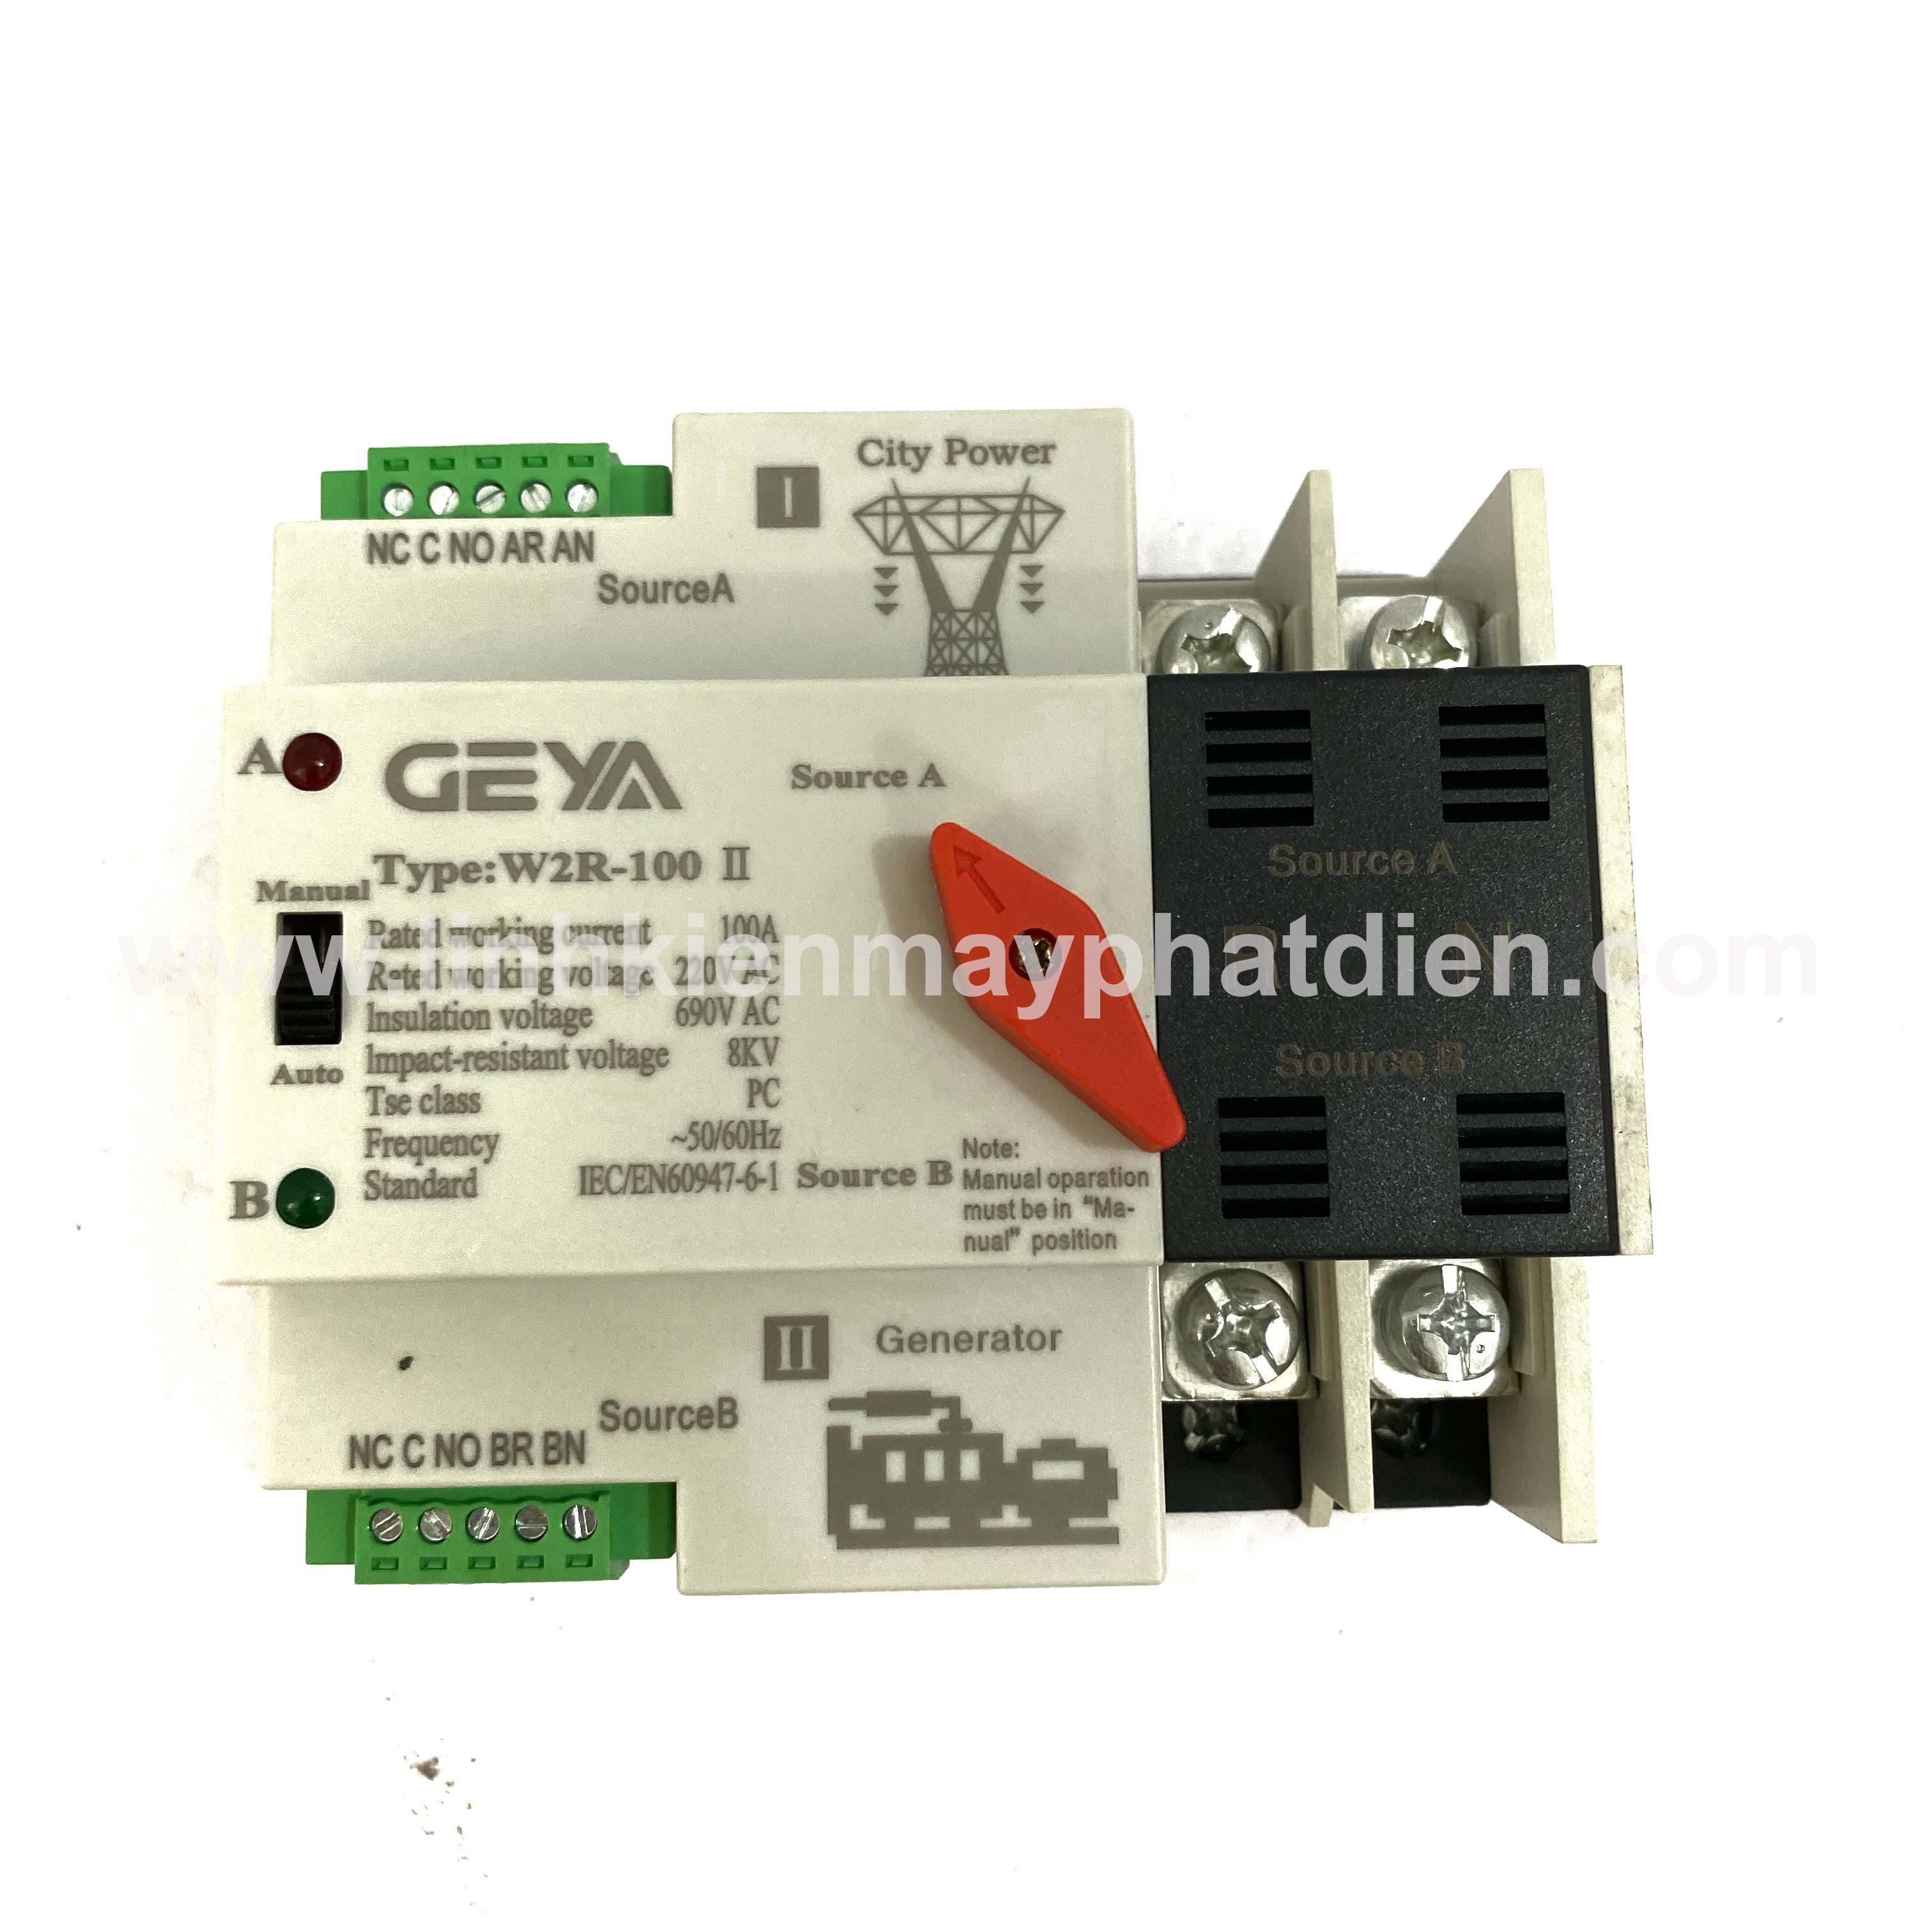 Bộ chuyển nguồn ATS 100A 2P LW chuyển đổi 2 nguồn điện tự động không gây mất điện